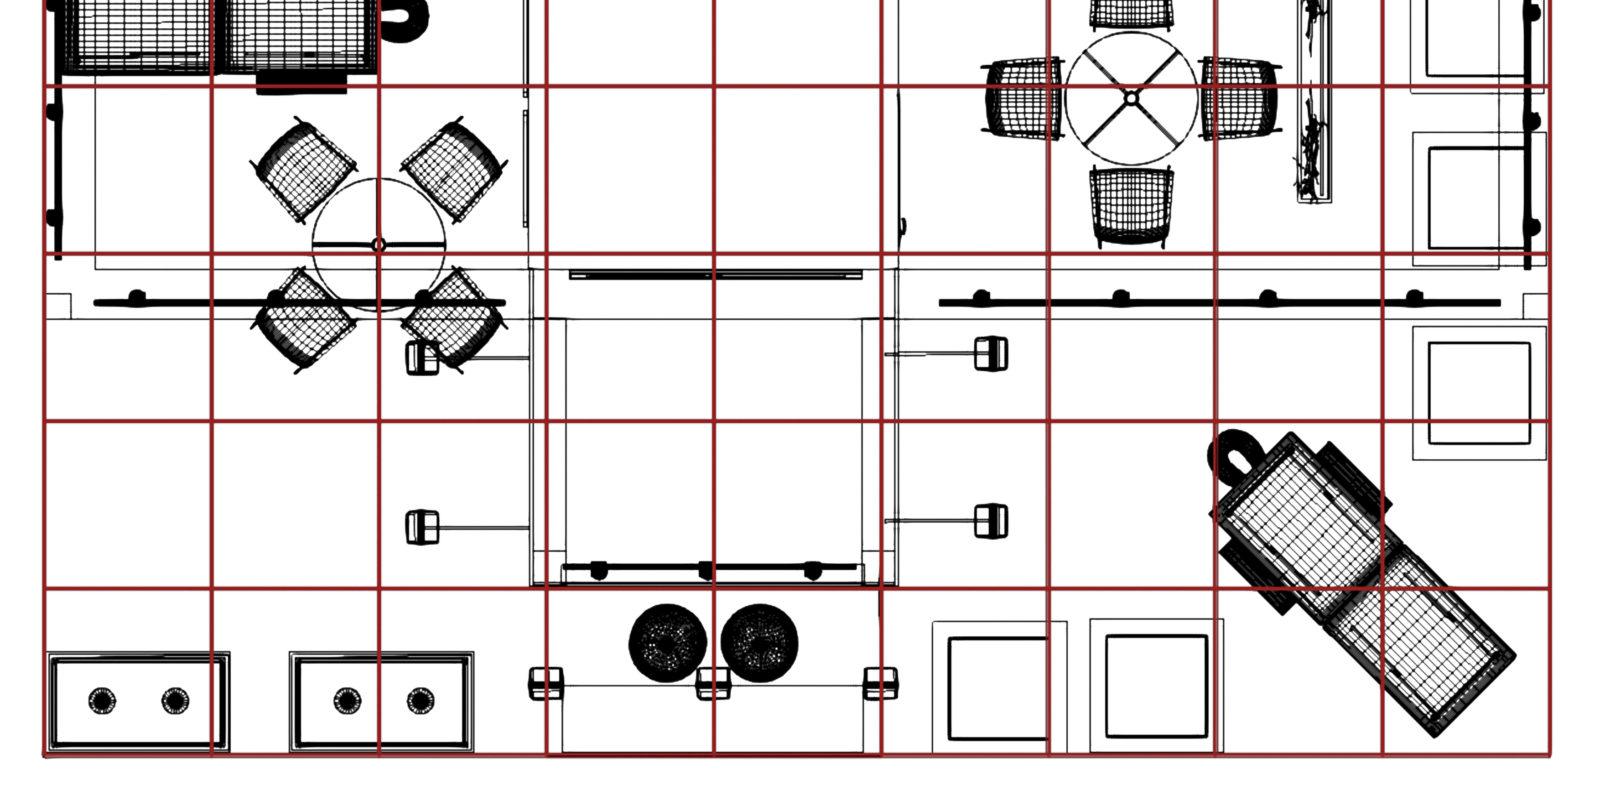 Дизайн проект выставочного стенда для компании Alfa SPA.Дизайн проект выставочного стенда для компании Alfa SPA.